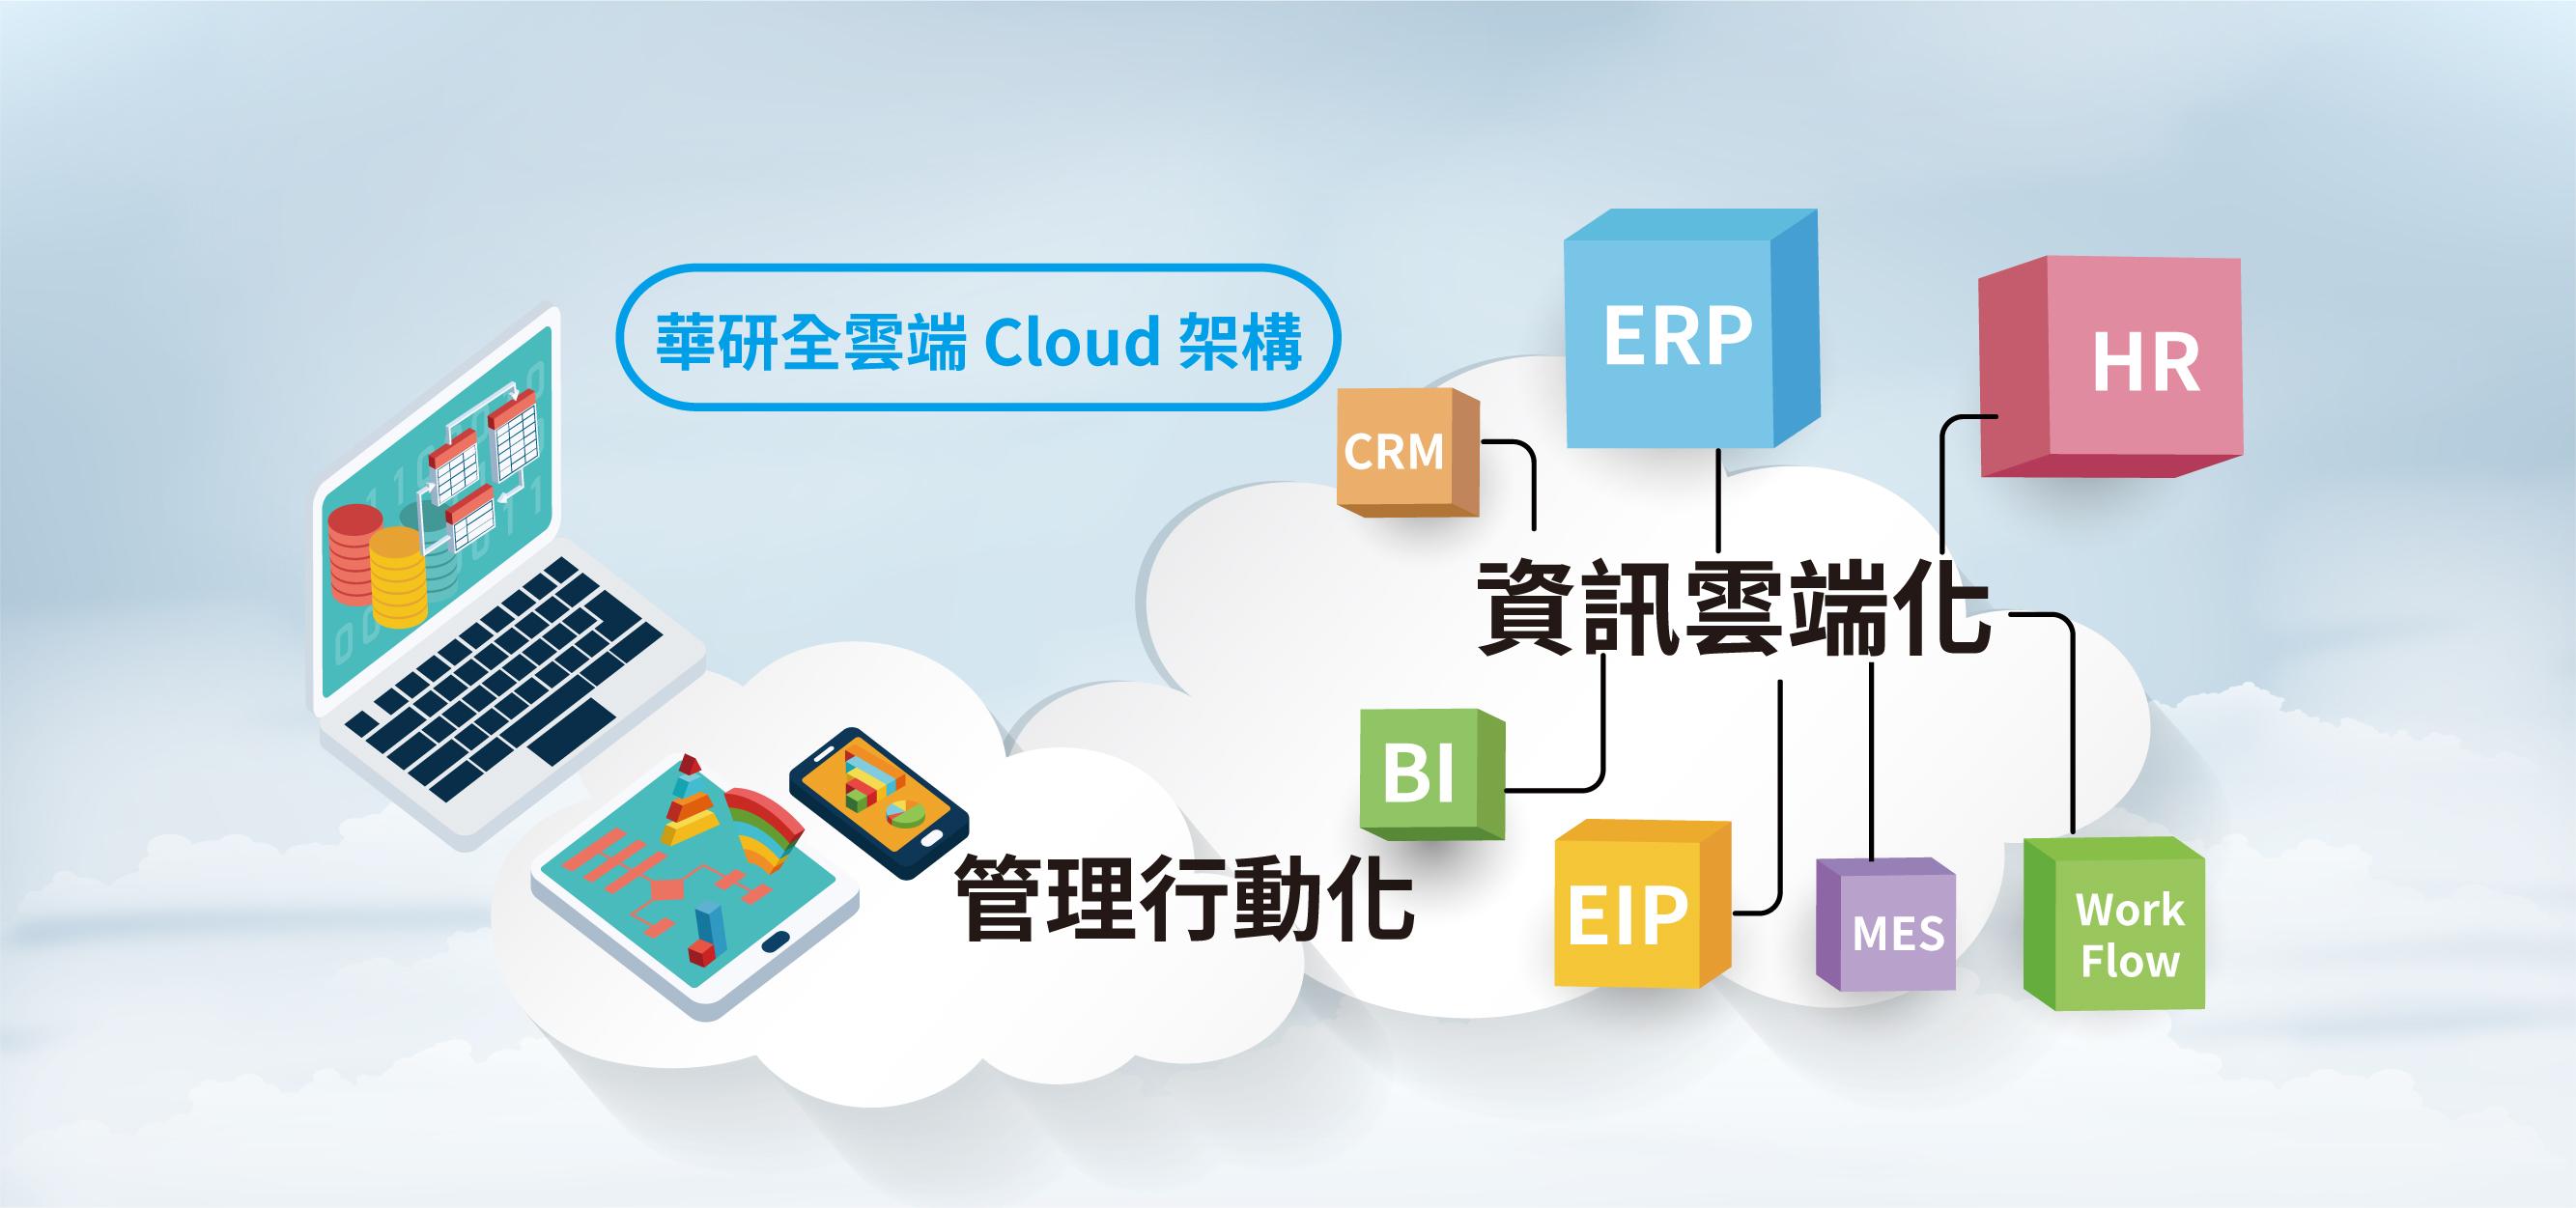 華研科技、華研雲端、雲端辦公、PowerERP、PowerHR、ERP、HR、WorkFlow、BI、EIP、CRM、全雲端 Cloud 架構、資訊雲端化、管理行動化